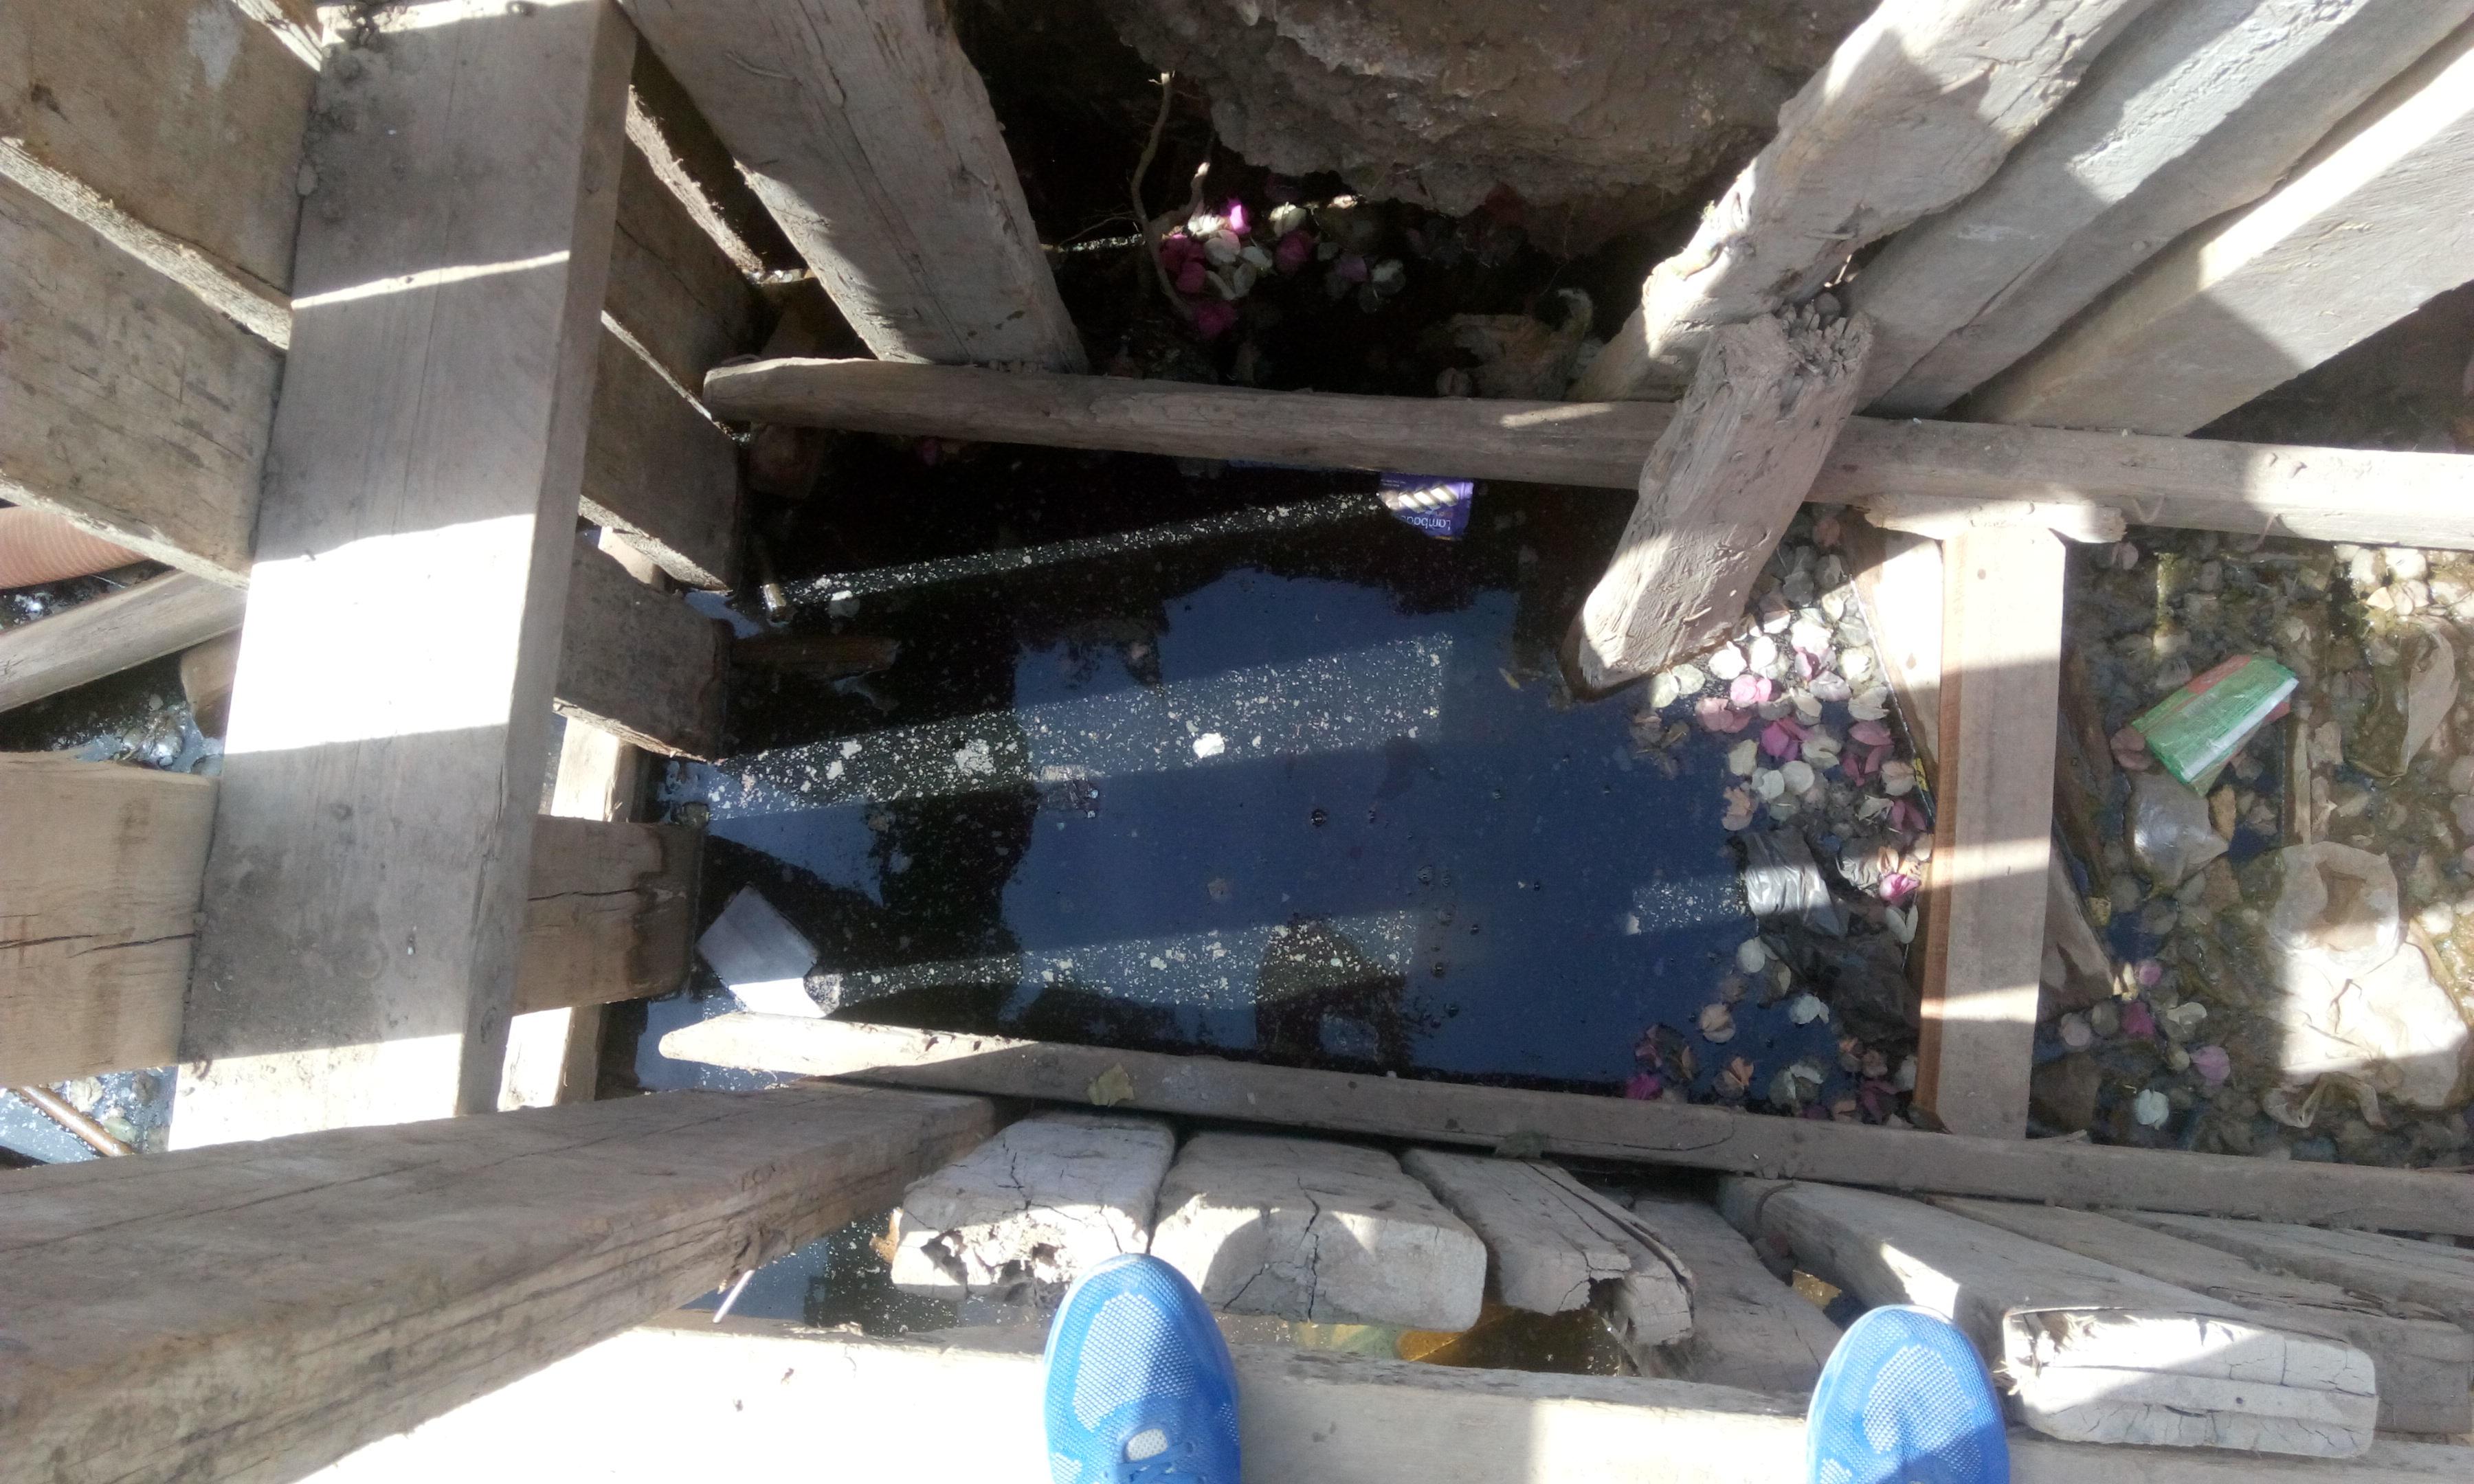 توقف العمل فى مشروع الصرف الصحى بقرية شبراملس فى الغربية (10)